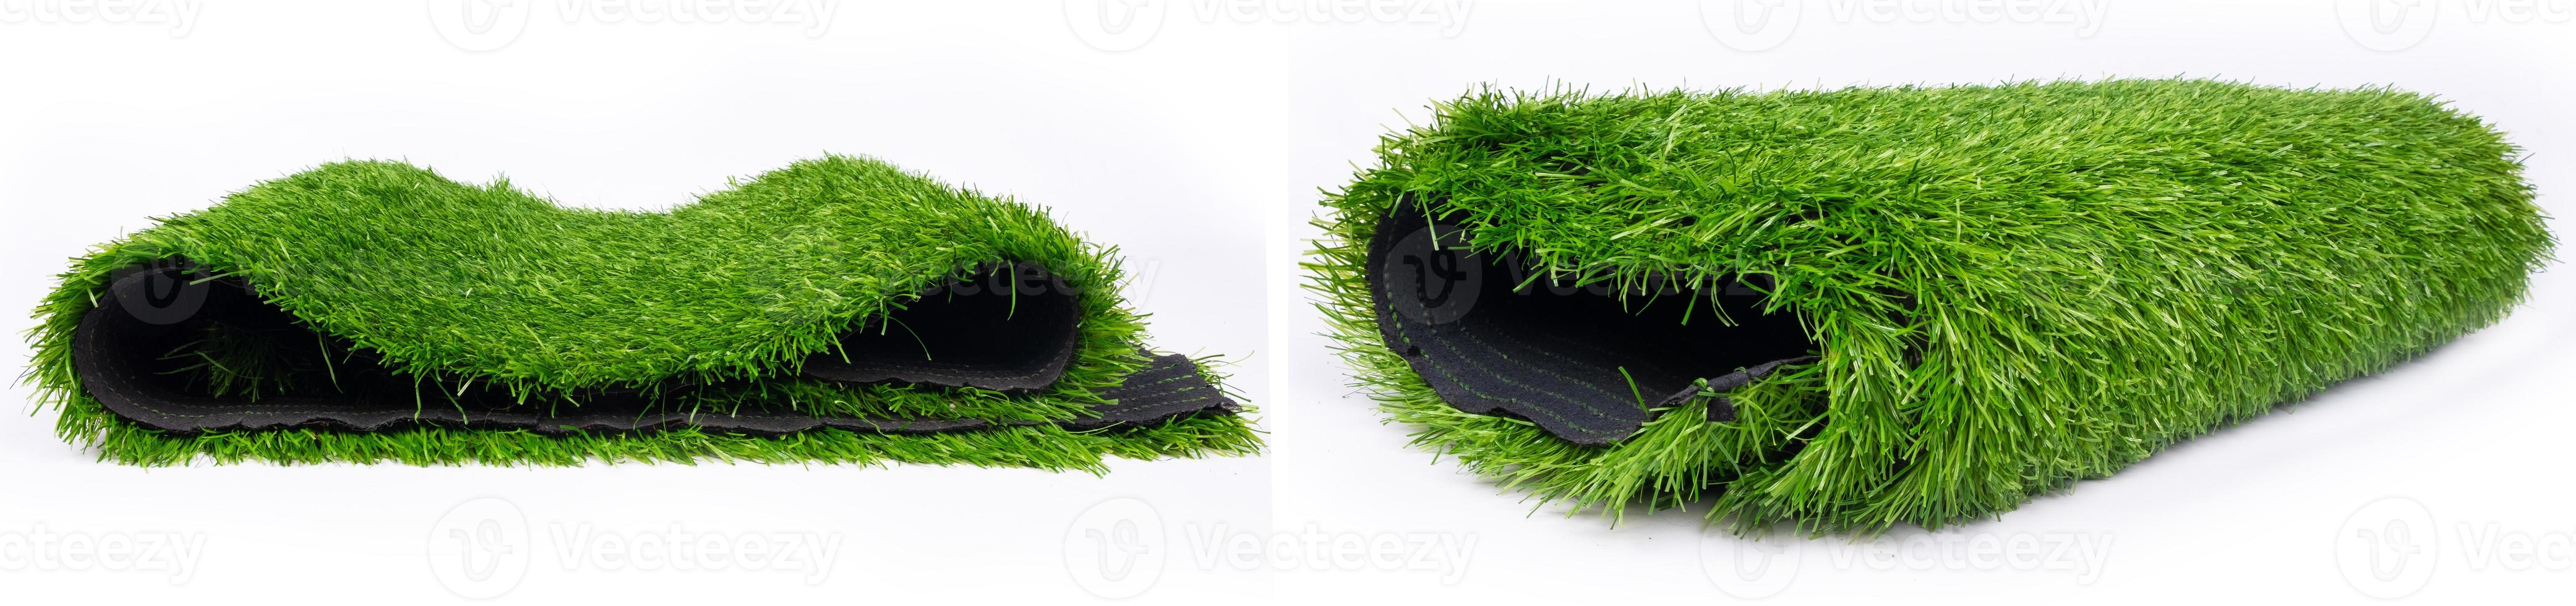 Rollos de plástico panorama de césped verde, alfombrilla para campos deportivos foto